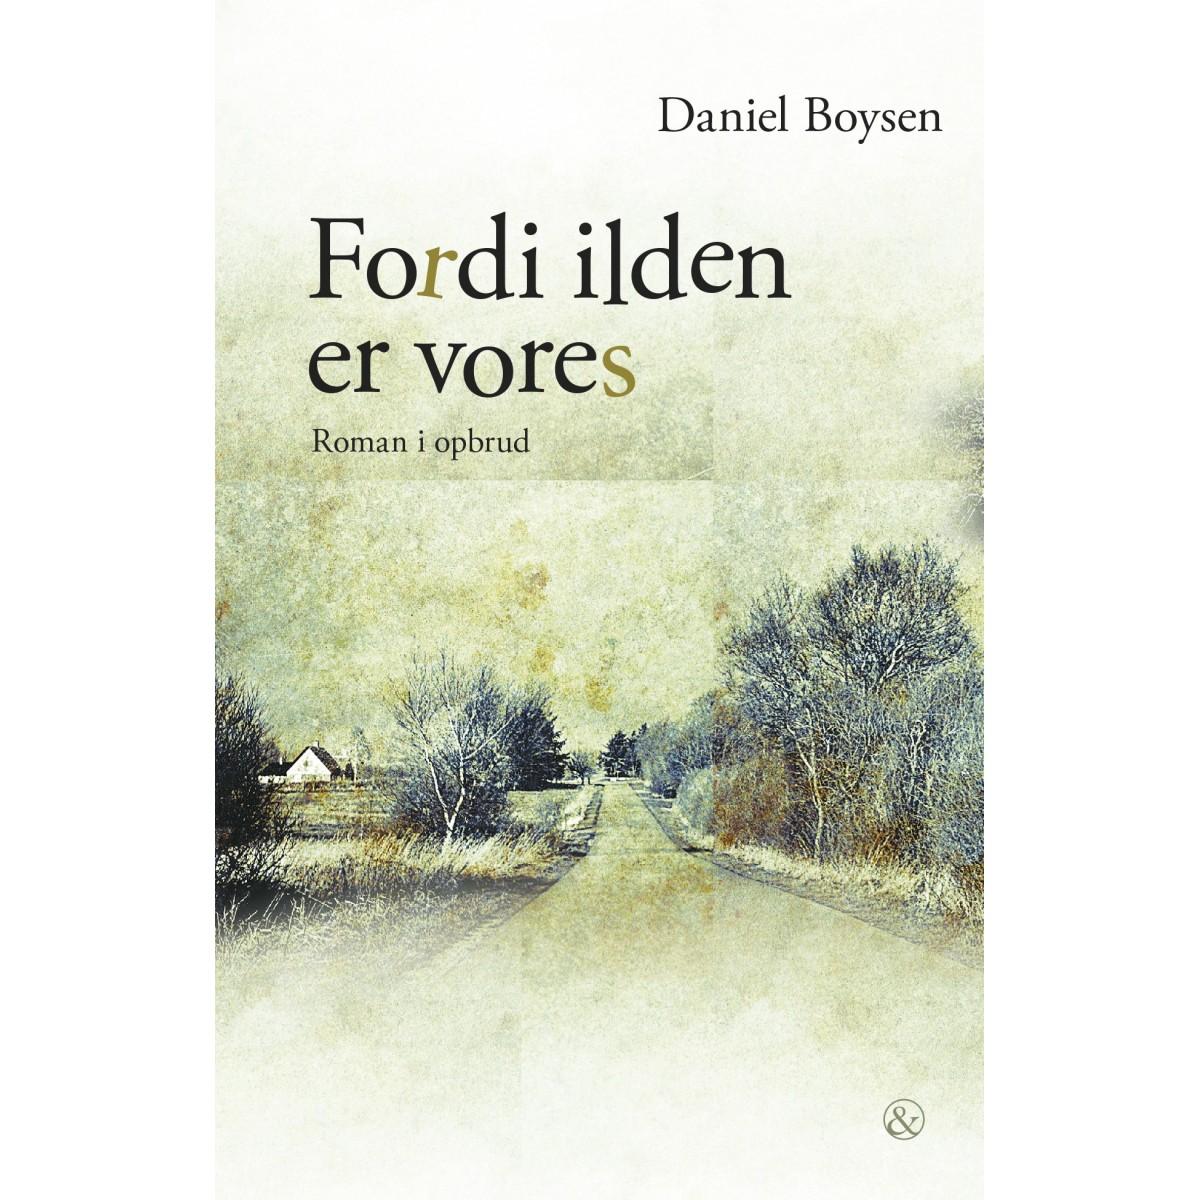 Daniel Boysen: Fordi ilden er vores